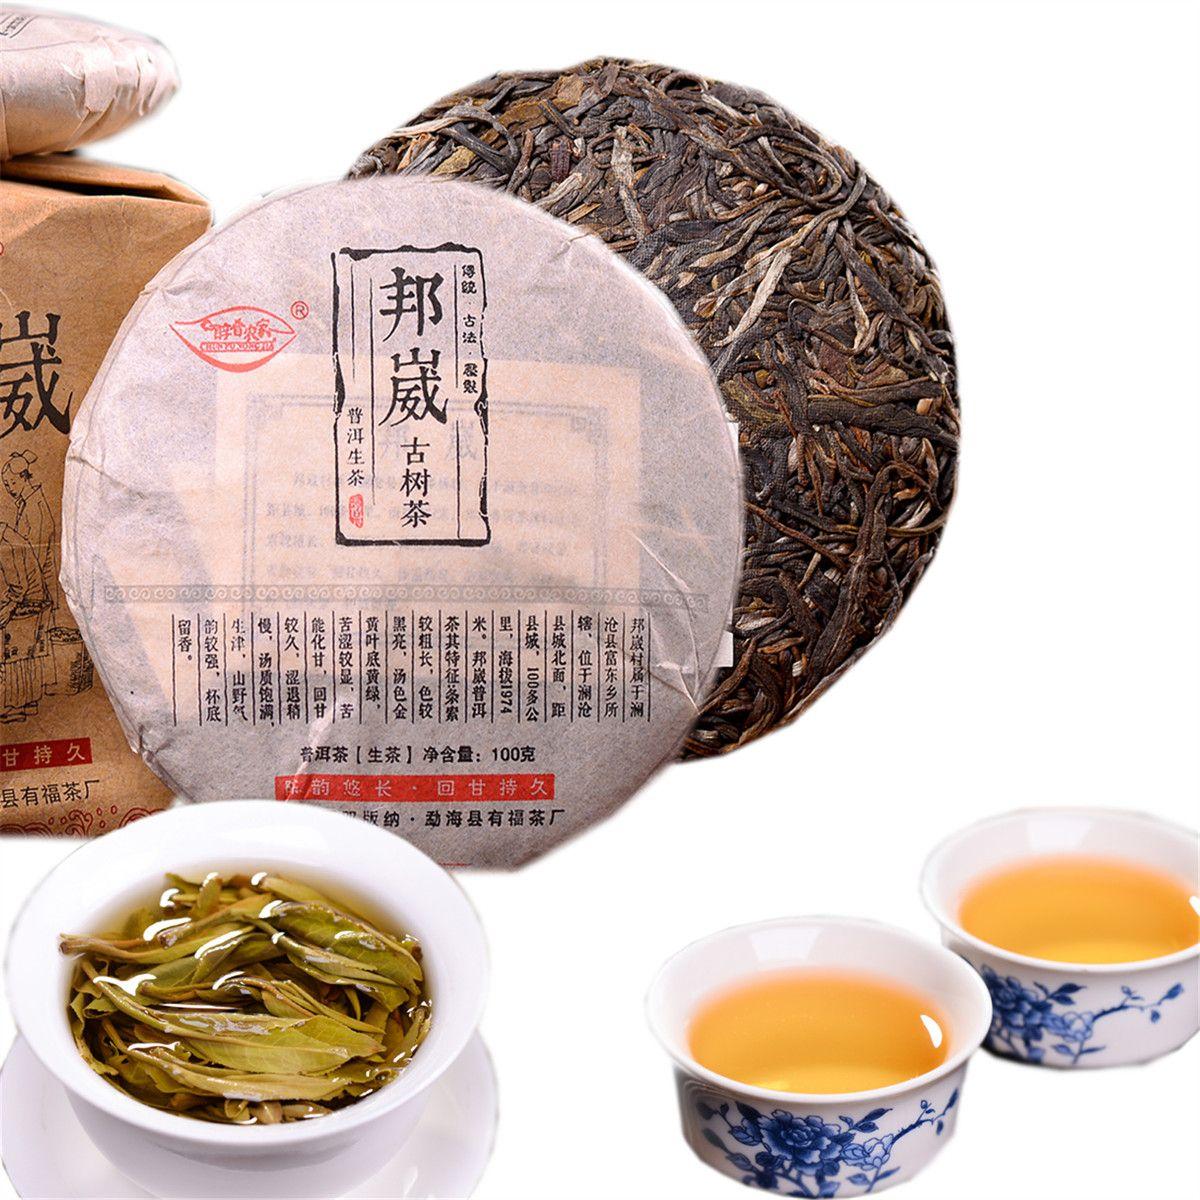 100 г Юньнань традиционный древний дерево Пуэр чай сырой Пуэр чай торт органический натуральный Пуэр старейшее дерево зеленый пуэр предпочтение зеленая еда